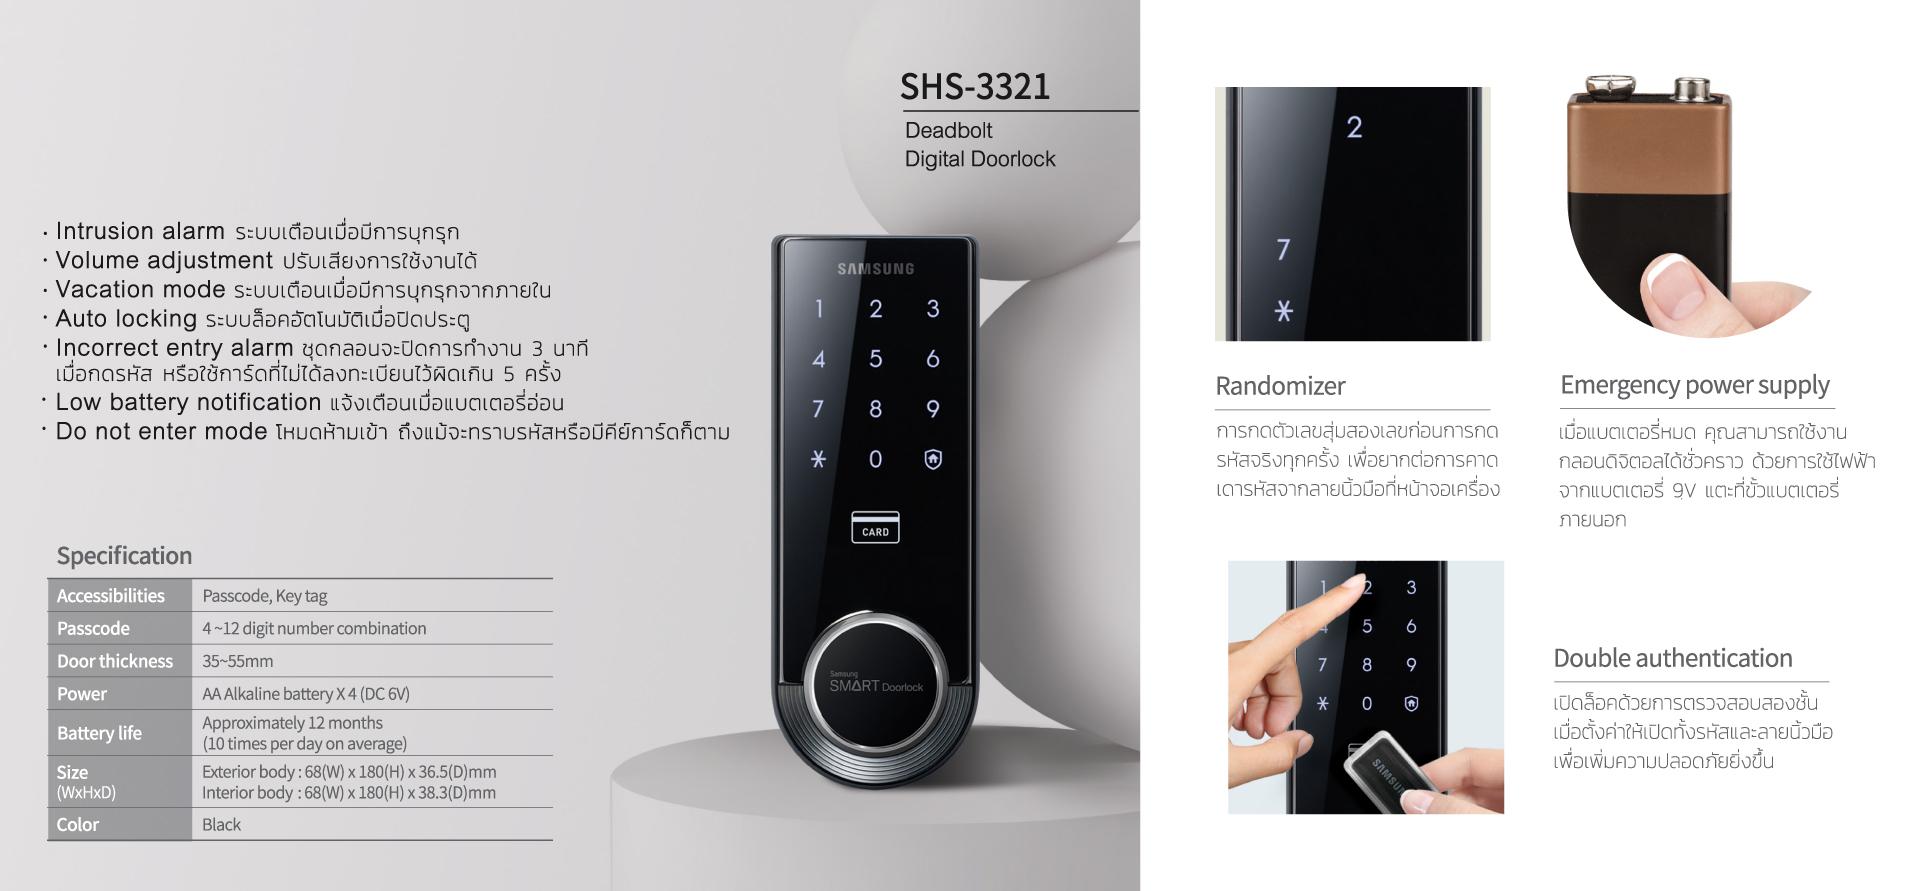 Deadbolt Samsung Smart Lock SHS-3321